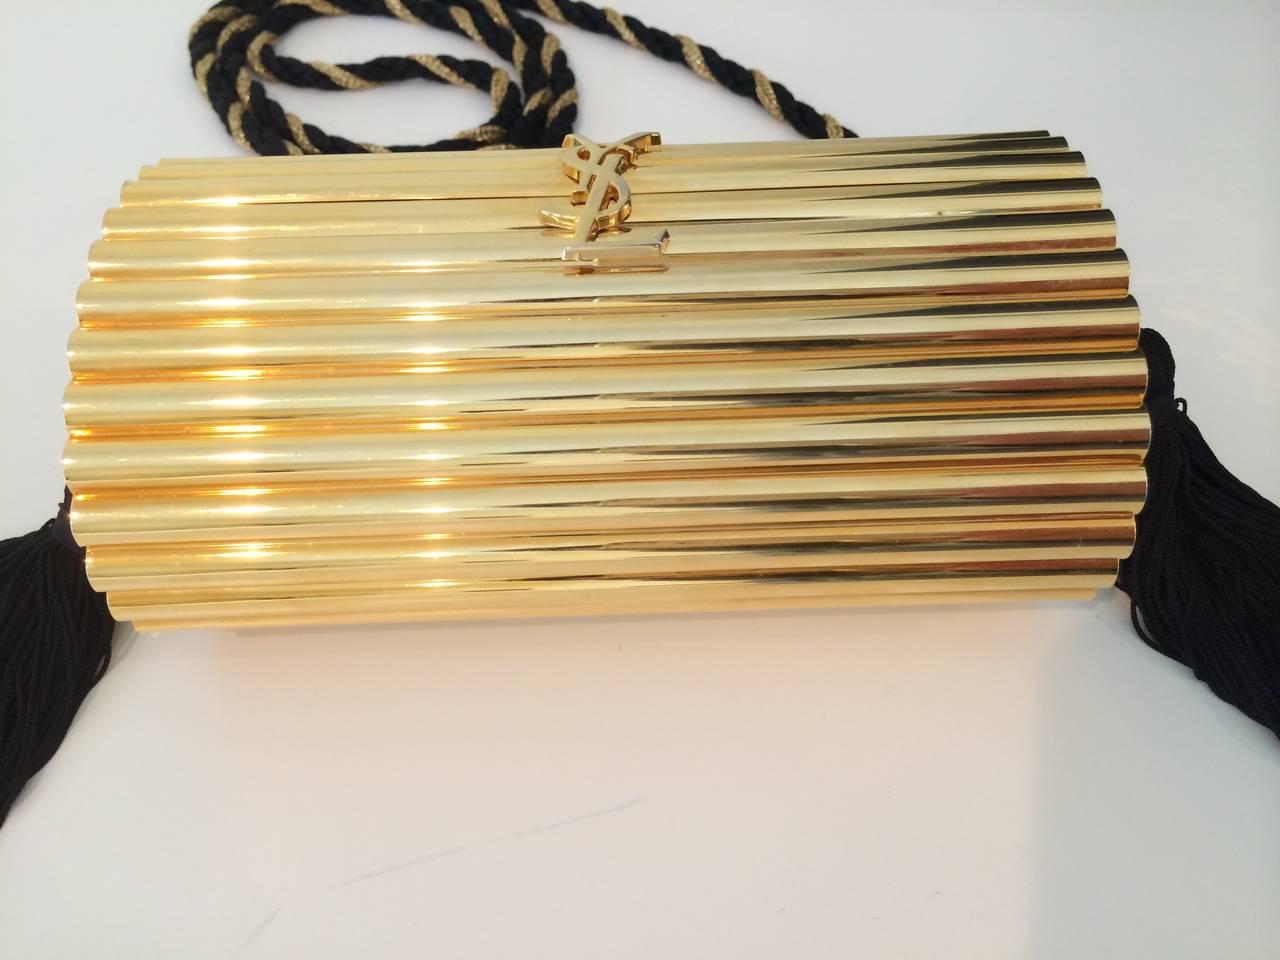 YSL Vintage Gold Metal Black Tassel Evening Bag / Clutch 1980s For ...